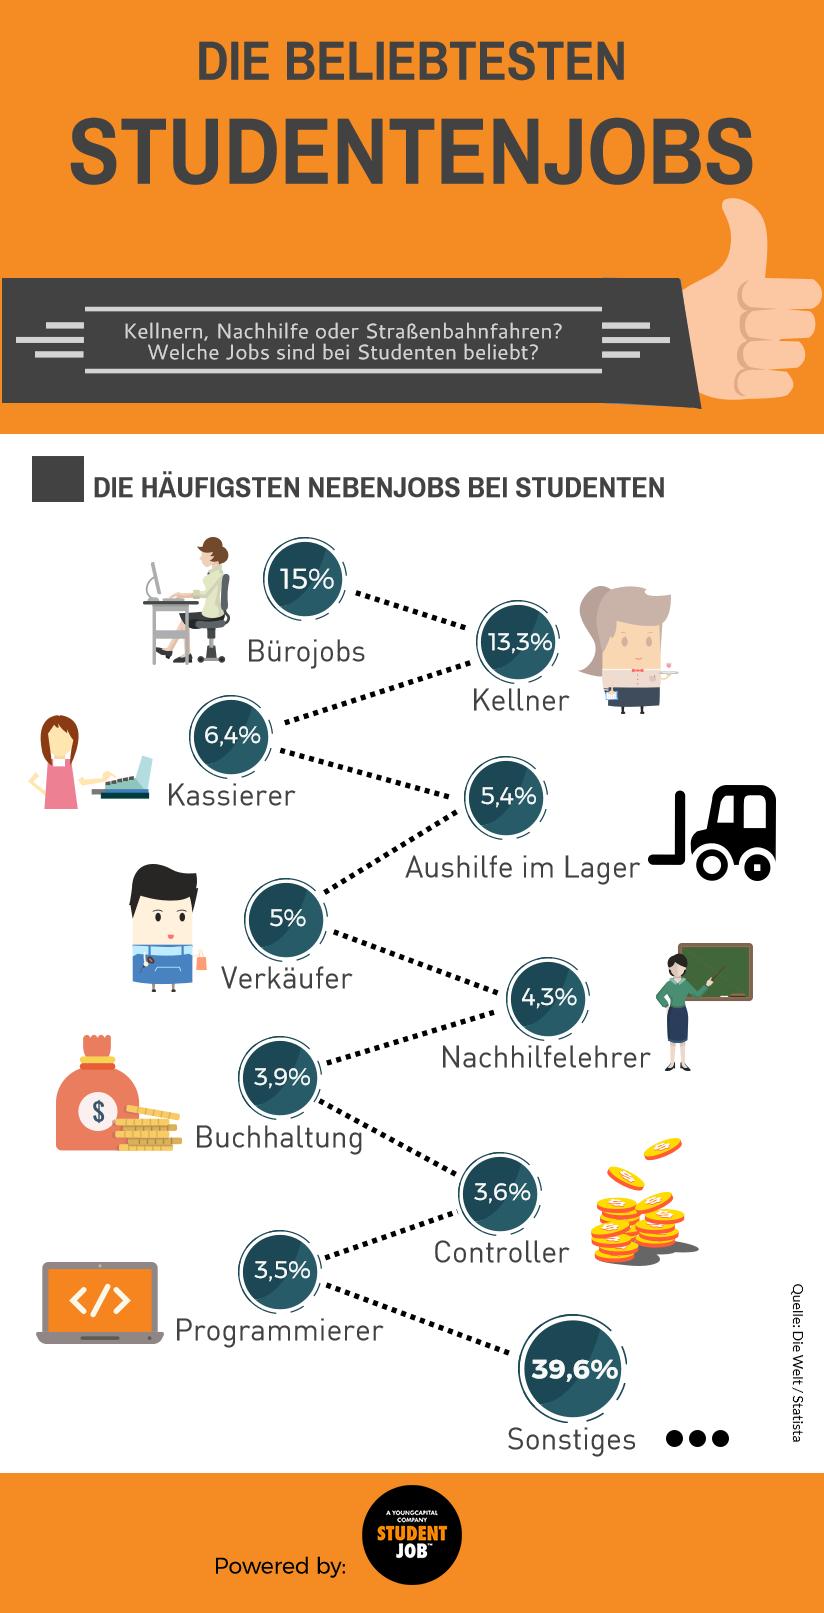 """Knapp 40 Prozent verdienen ihr Geld mit """"sonstigen"""" Tätigkeiten. Einen Teil davon nimmt sicher auch das Straßenbahnfahren ein."""